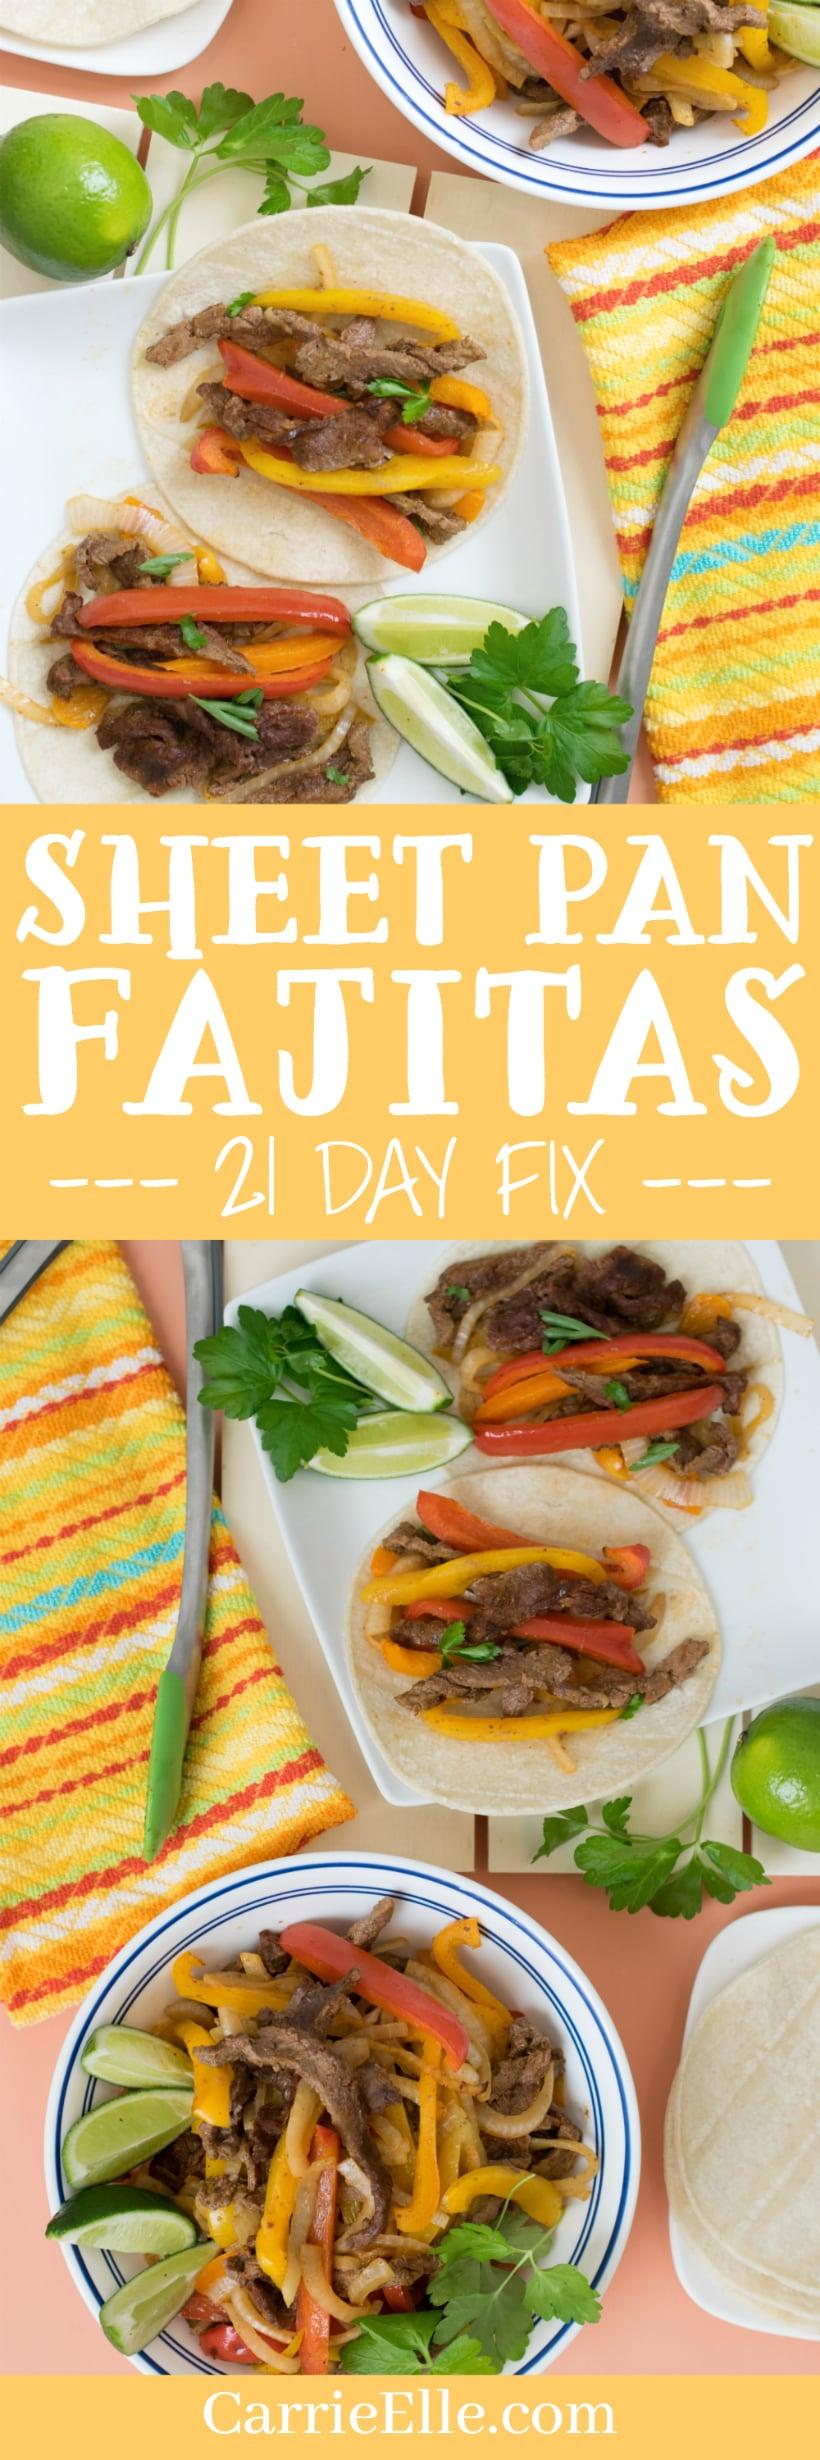 Easy Sheet Pan Fajitas for the 21 Day Fix